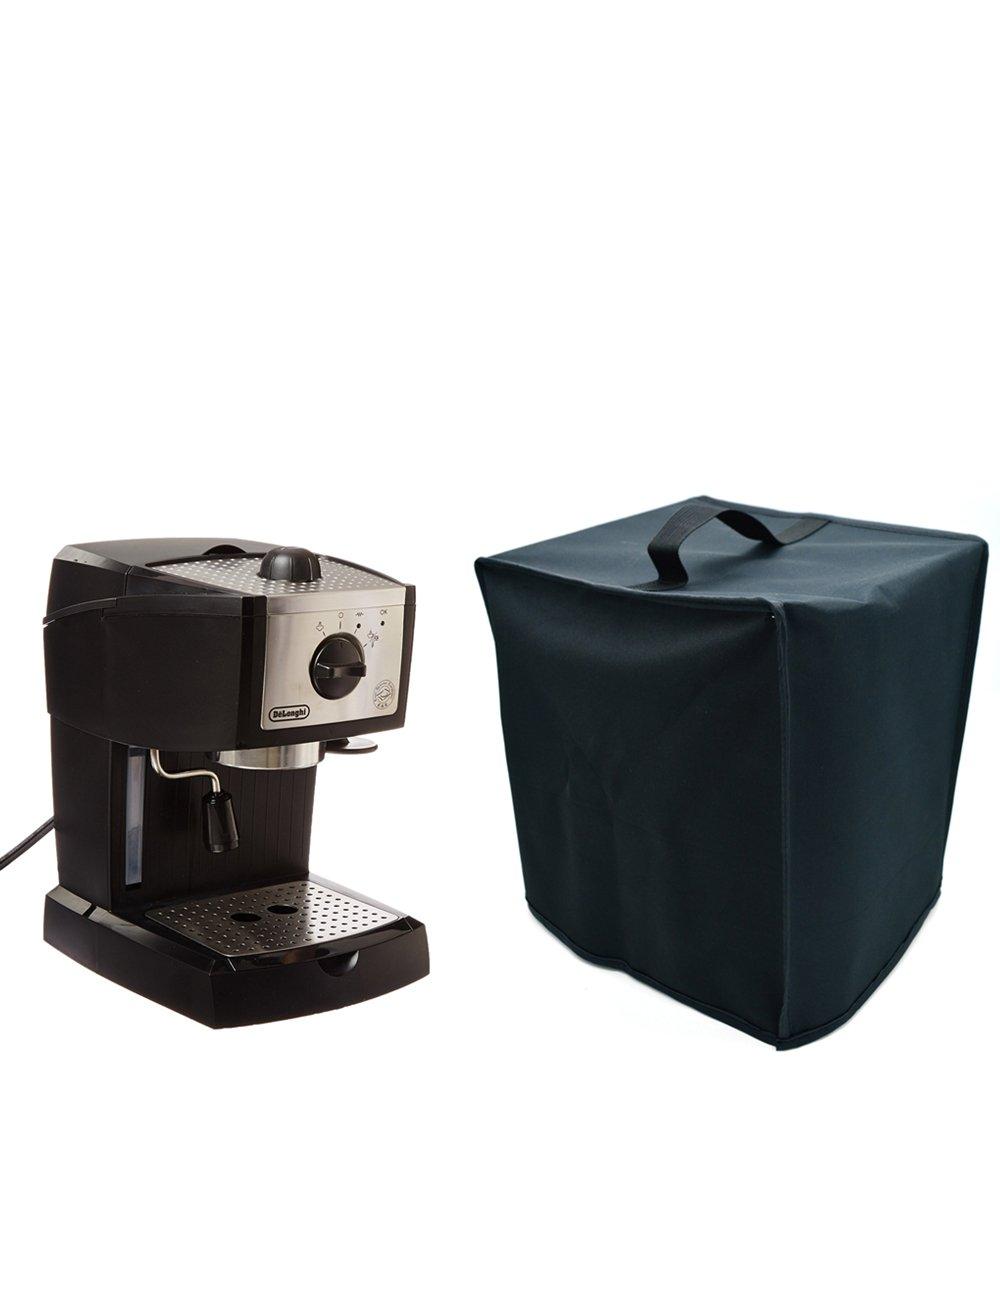 Orchidtent Coffee Maker dust Cover – 11W x 9D x 11H-Waterproof, Universal Fit- Fits EC155 15 BAR Pump Espresso and Cappuccino Maker (For De'Longhi EC155)